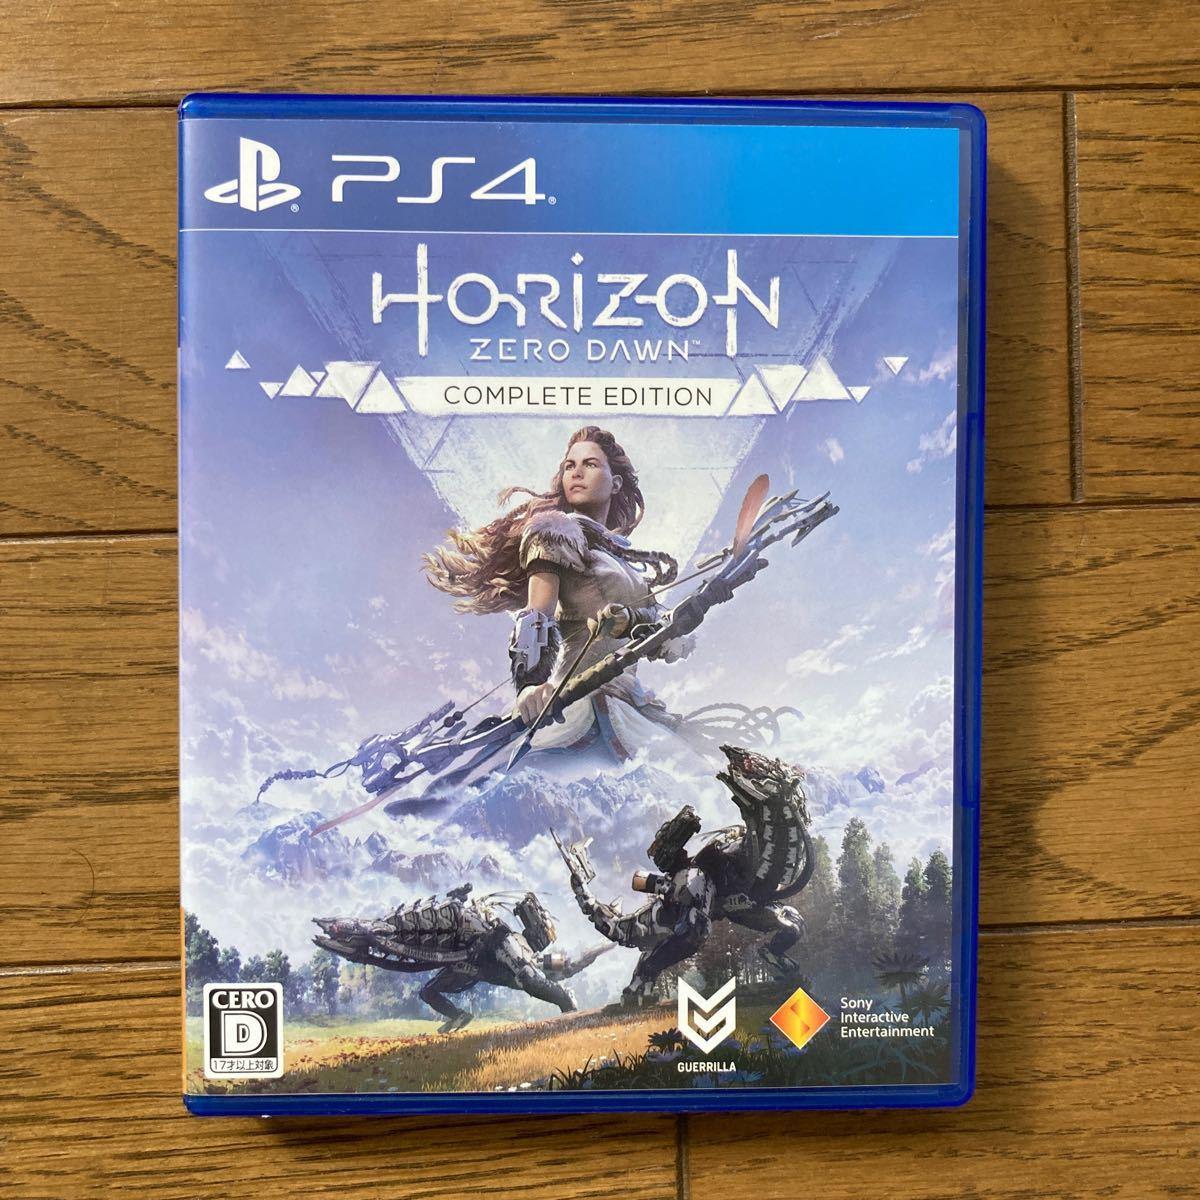 【PS4】 Horizon Zero Dawn [Complete Edition]ホライゾンゼロドーン